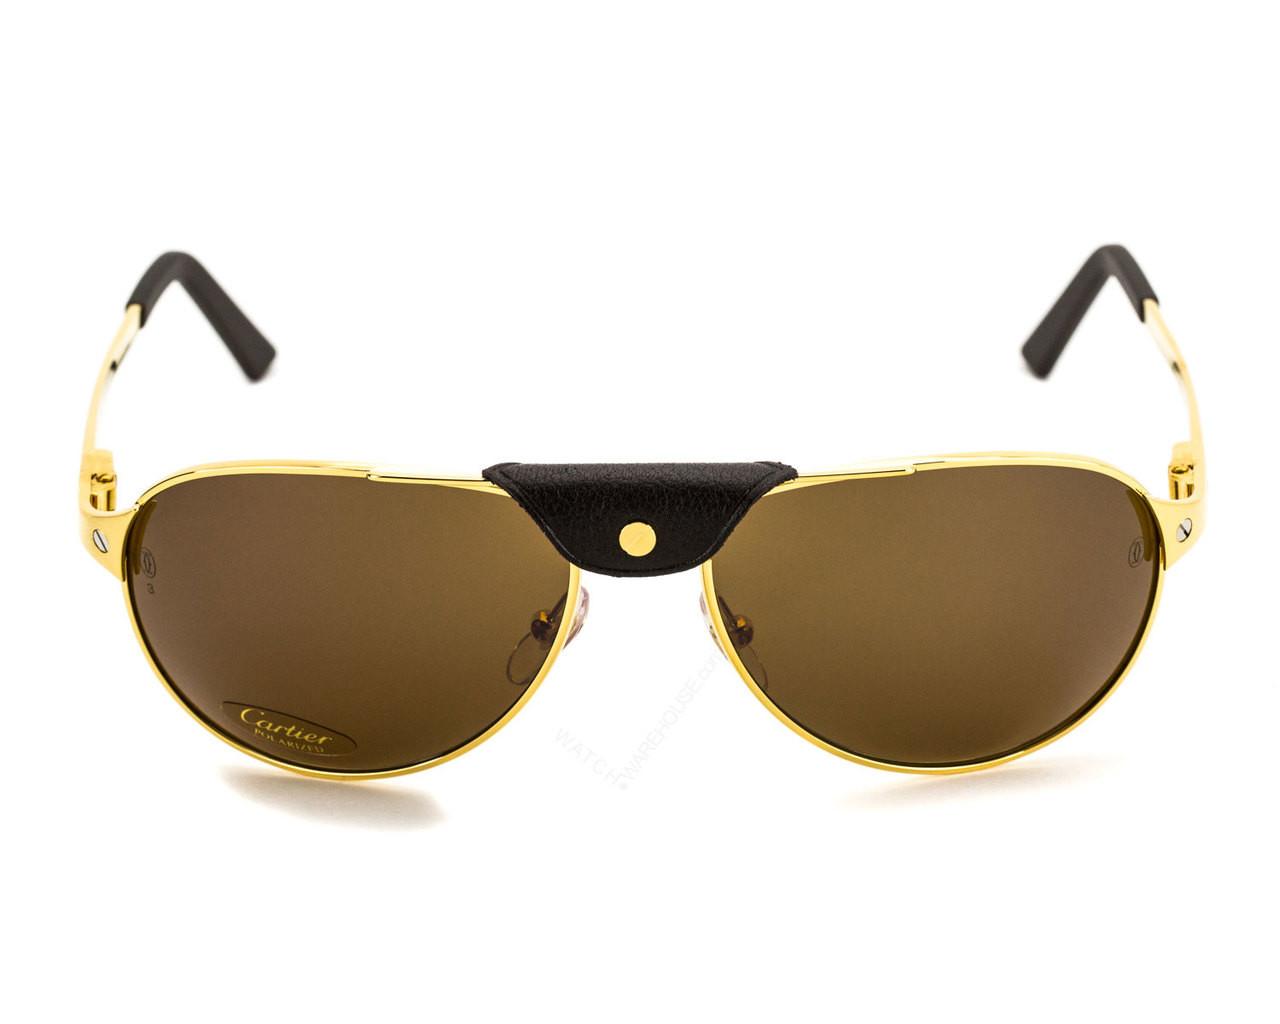 de61796b01 T8200888 Cartier Santos Dumont 58mm Gold Rimmed Men s Sunglasses